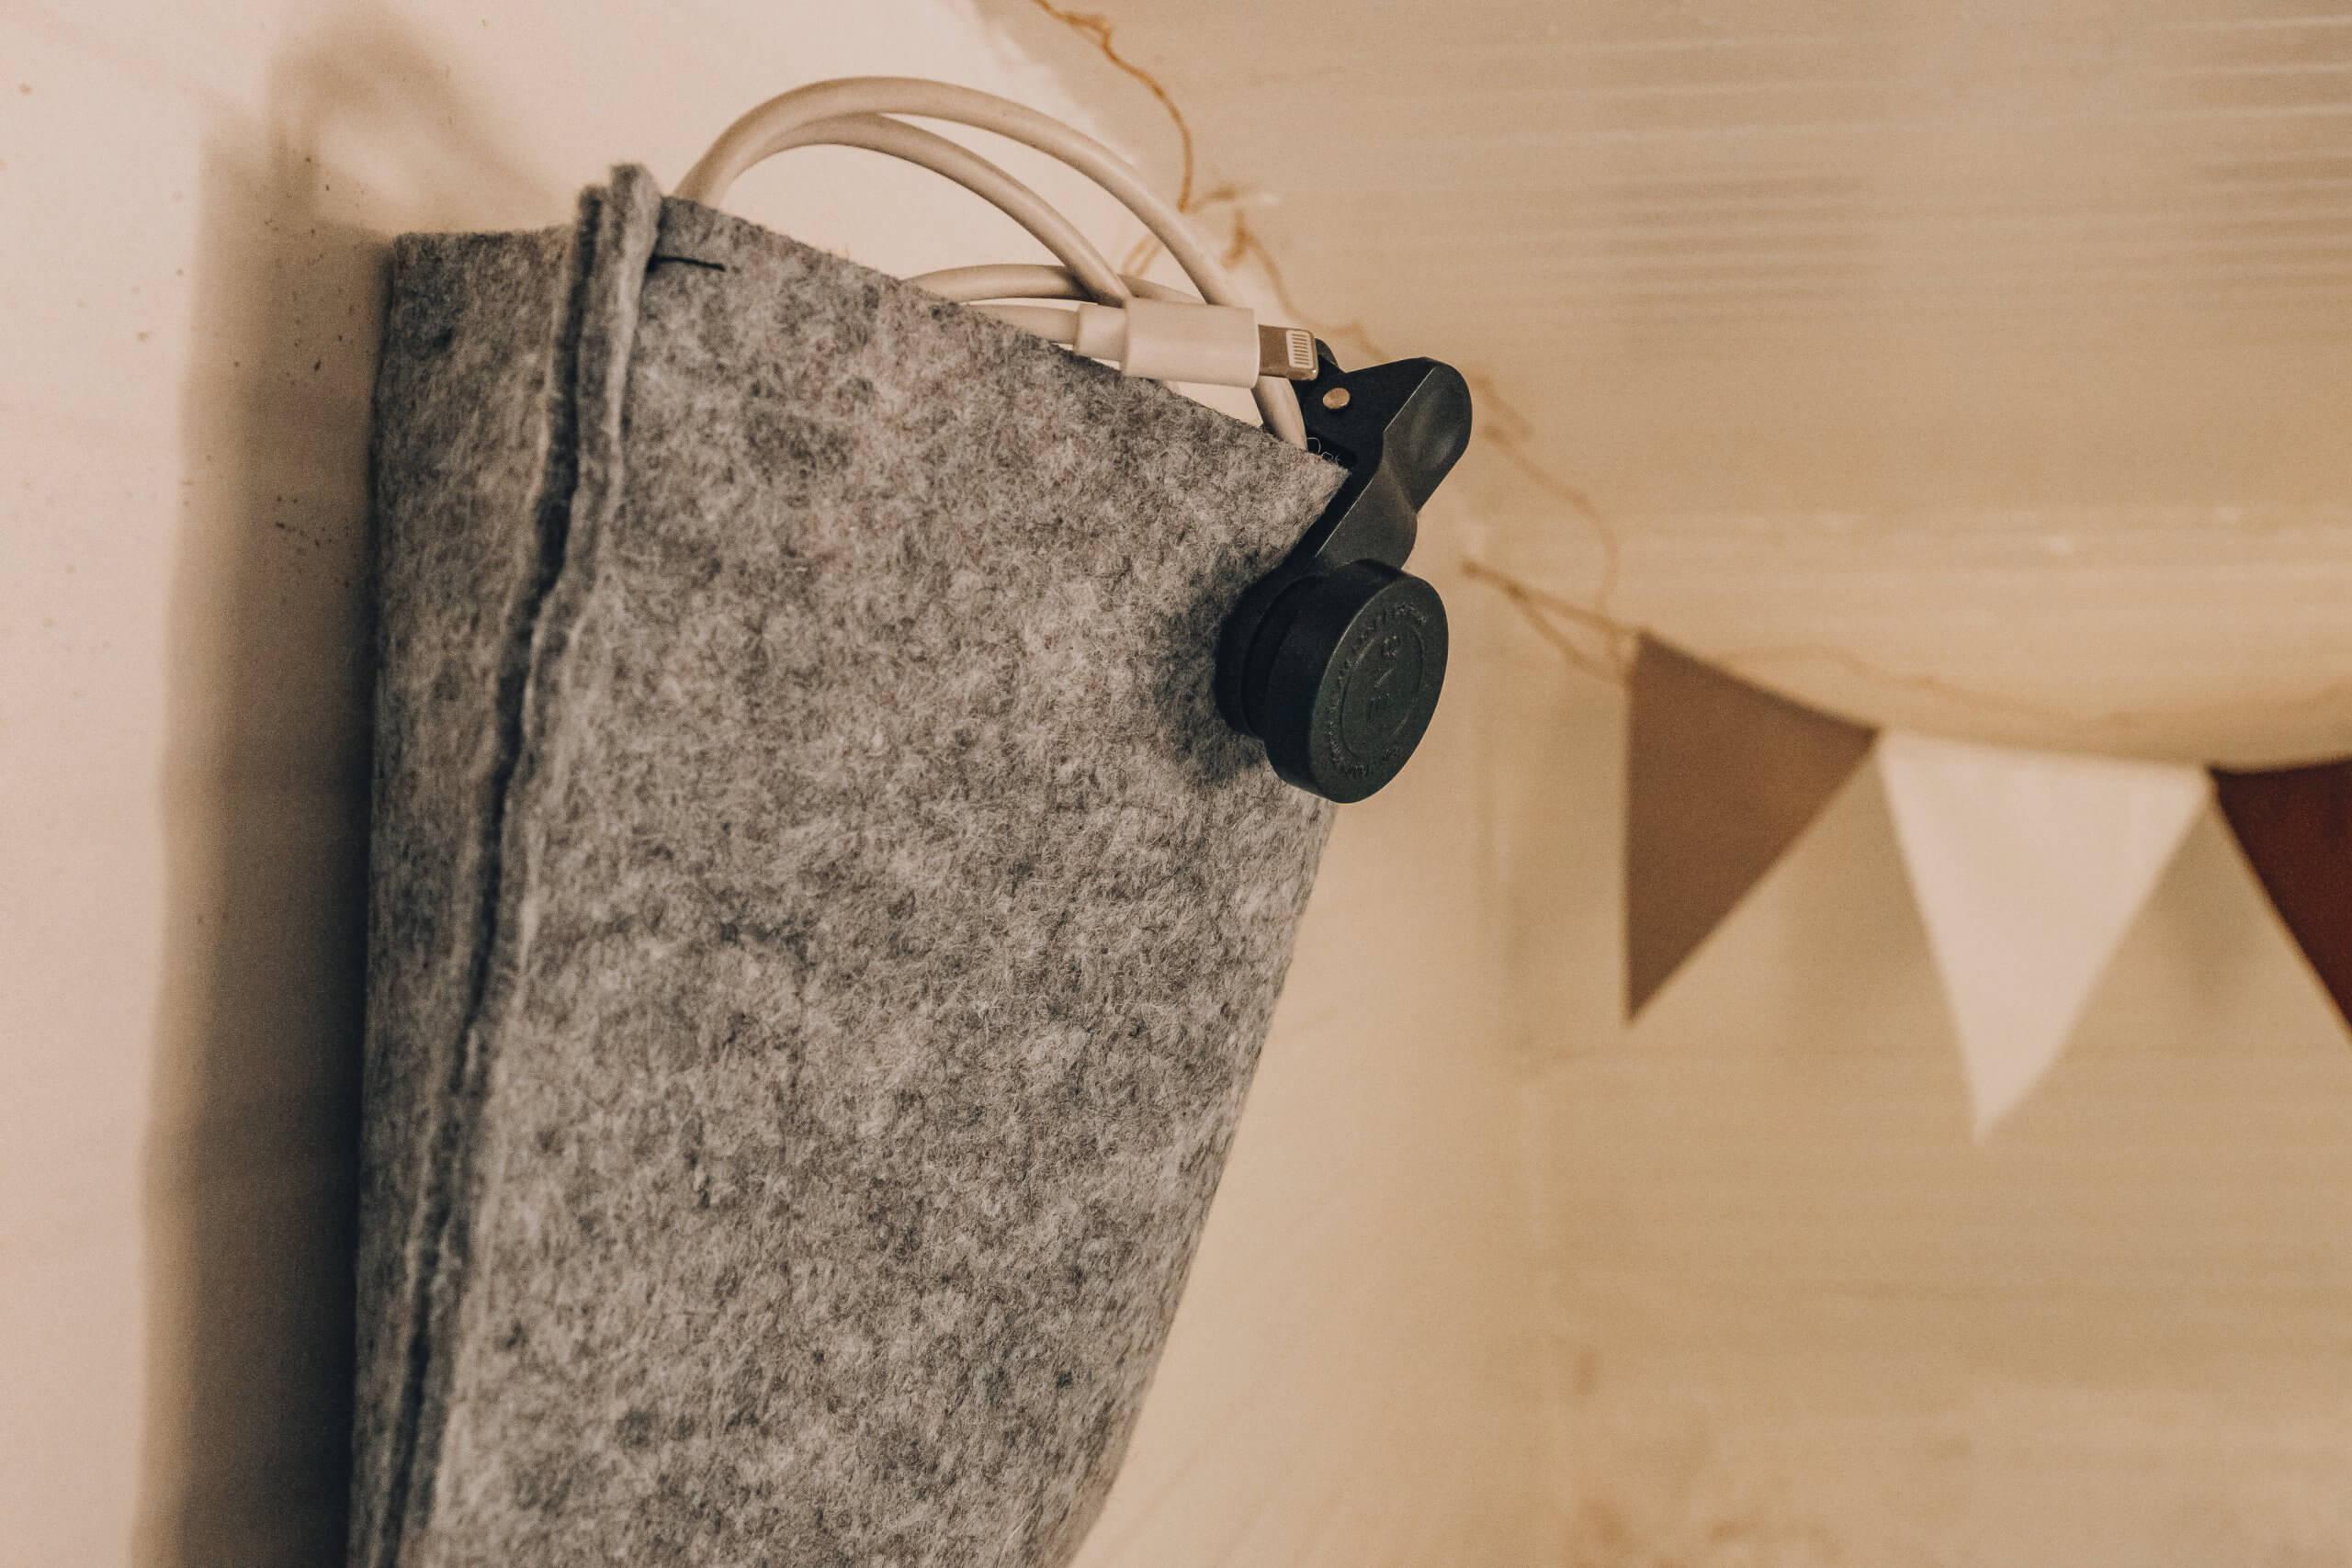 Filztaschen zum Aufbewahren von kleinen Gegeständen